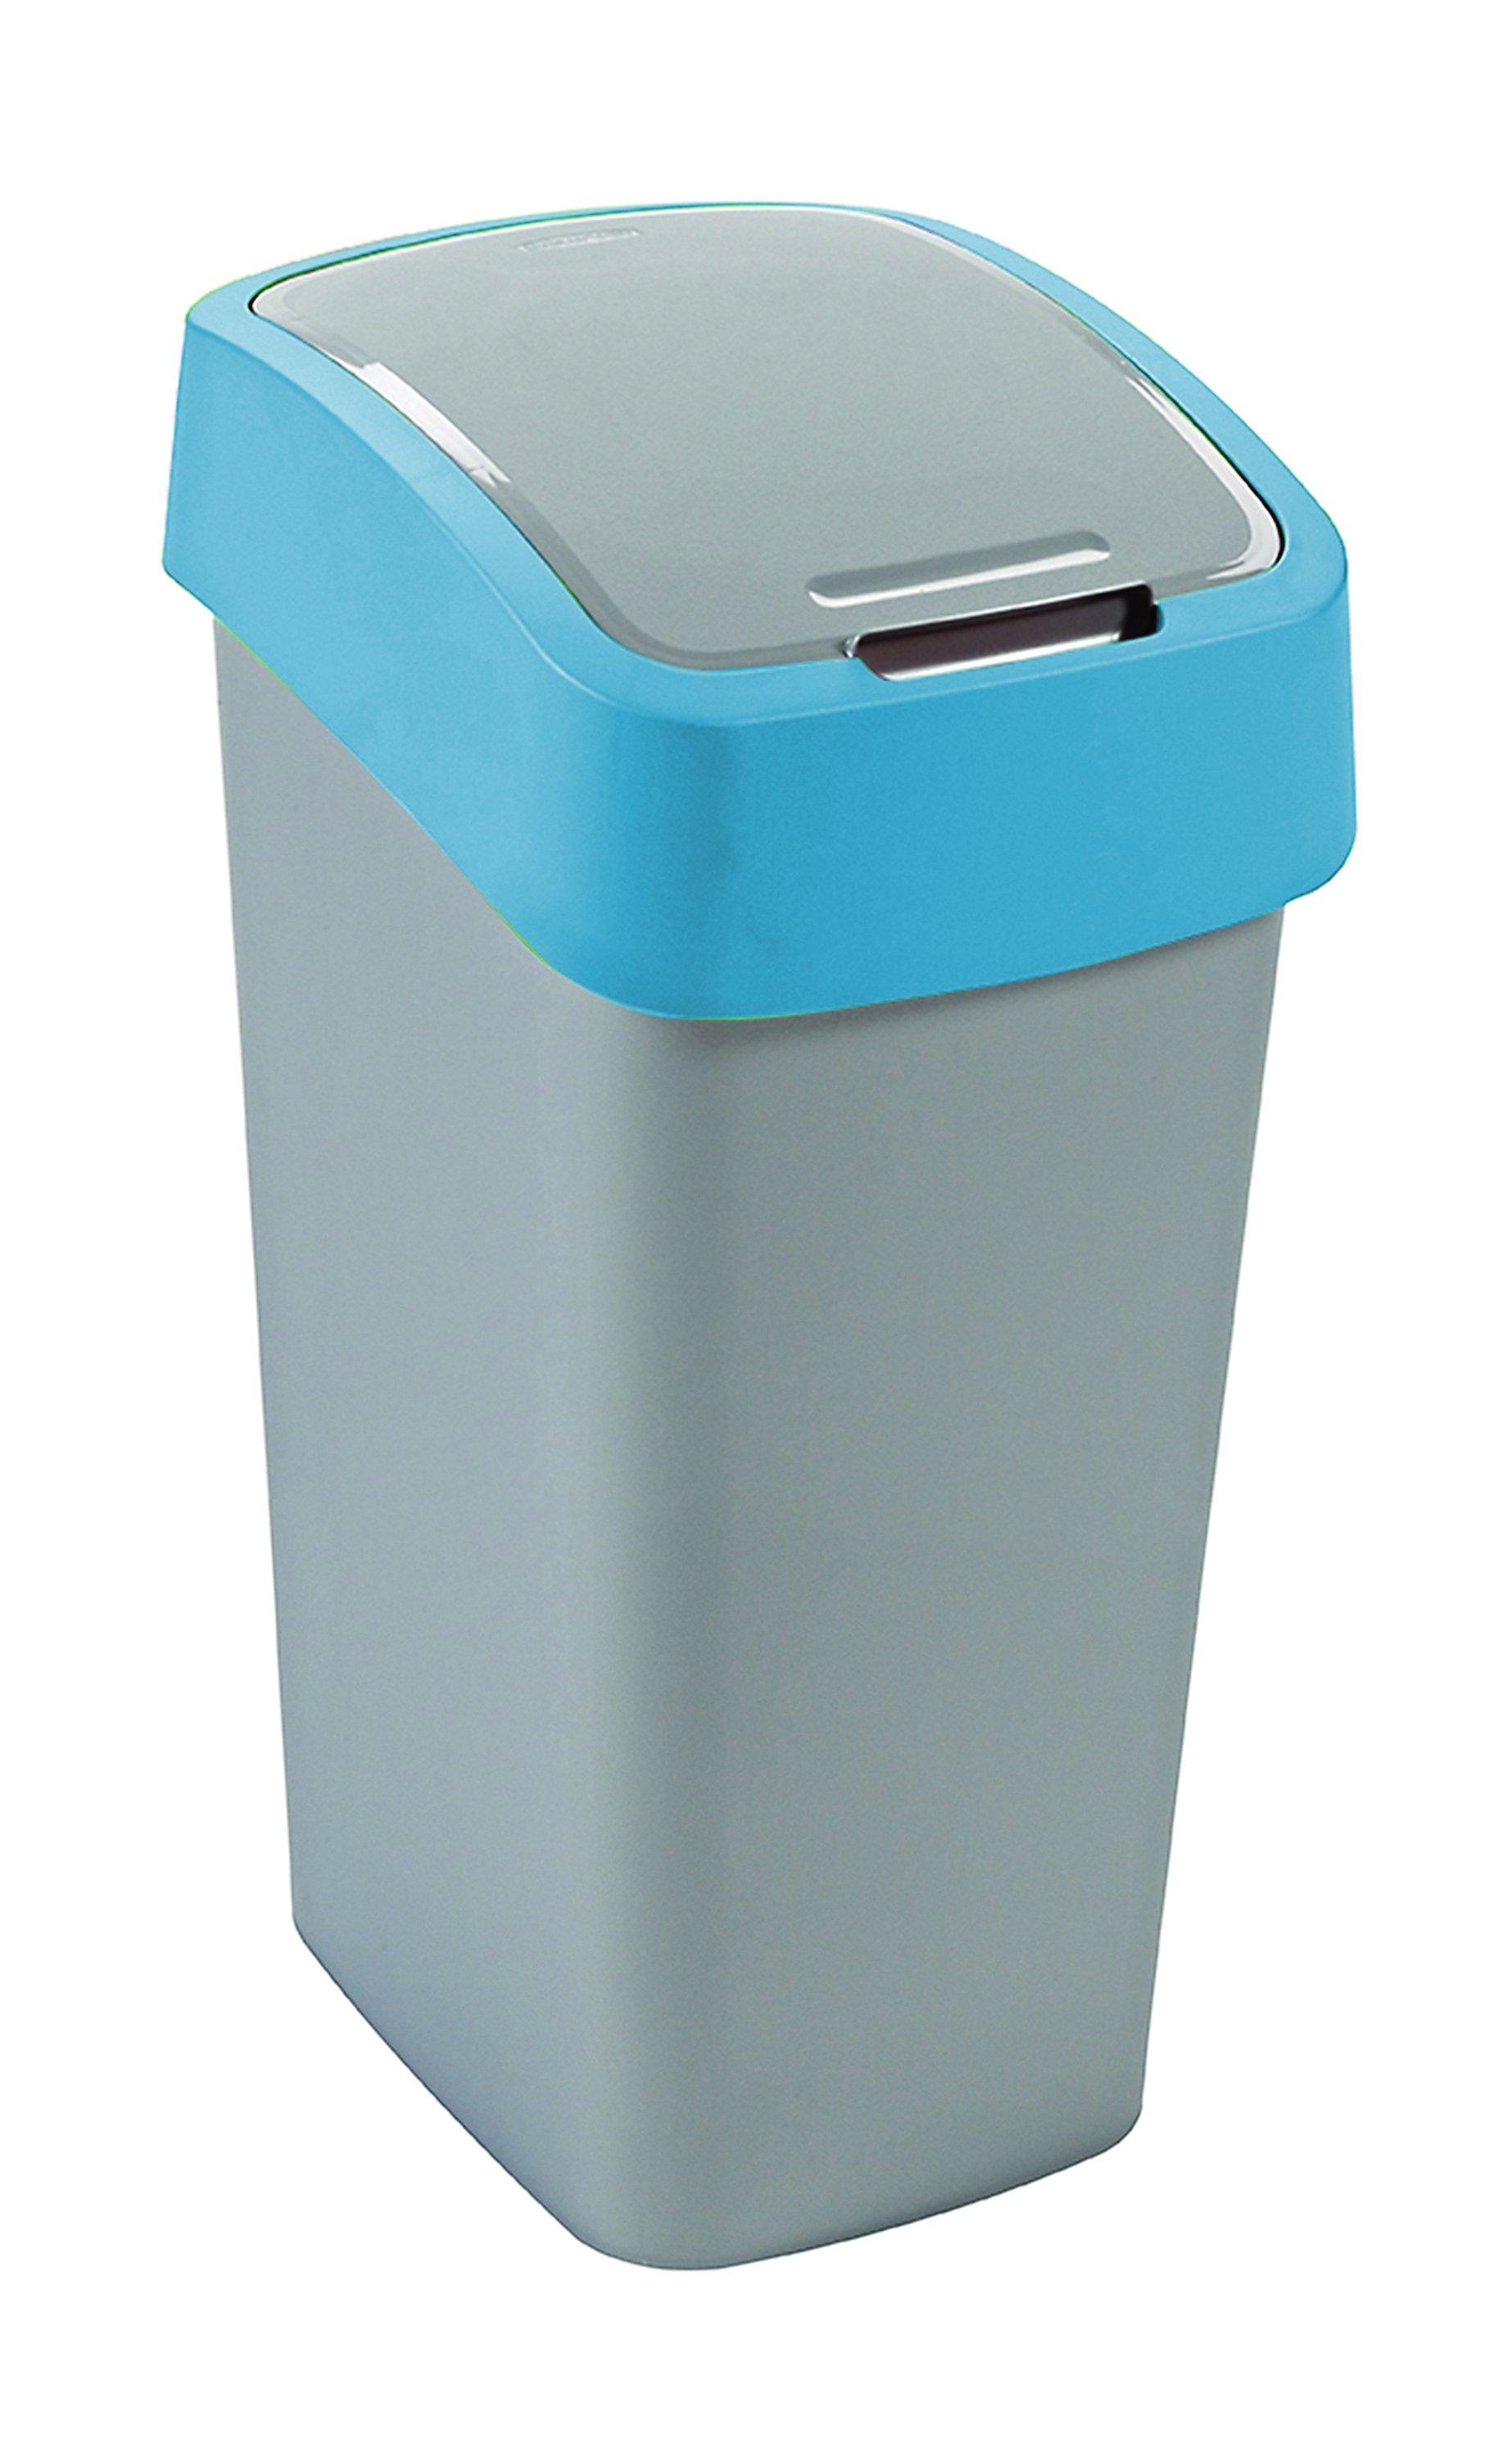 Curver odpadkový koš, FLIP BIN, stříbrný/modrý, 50l